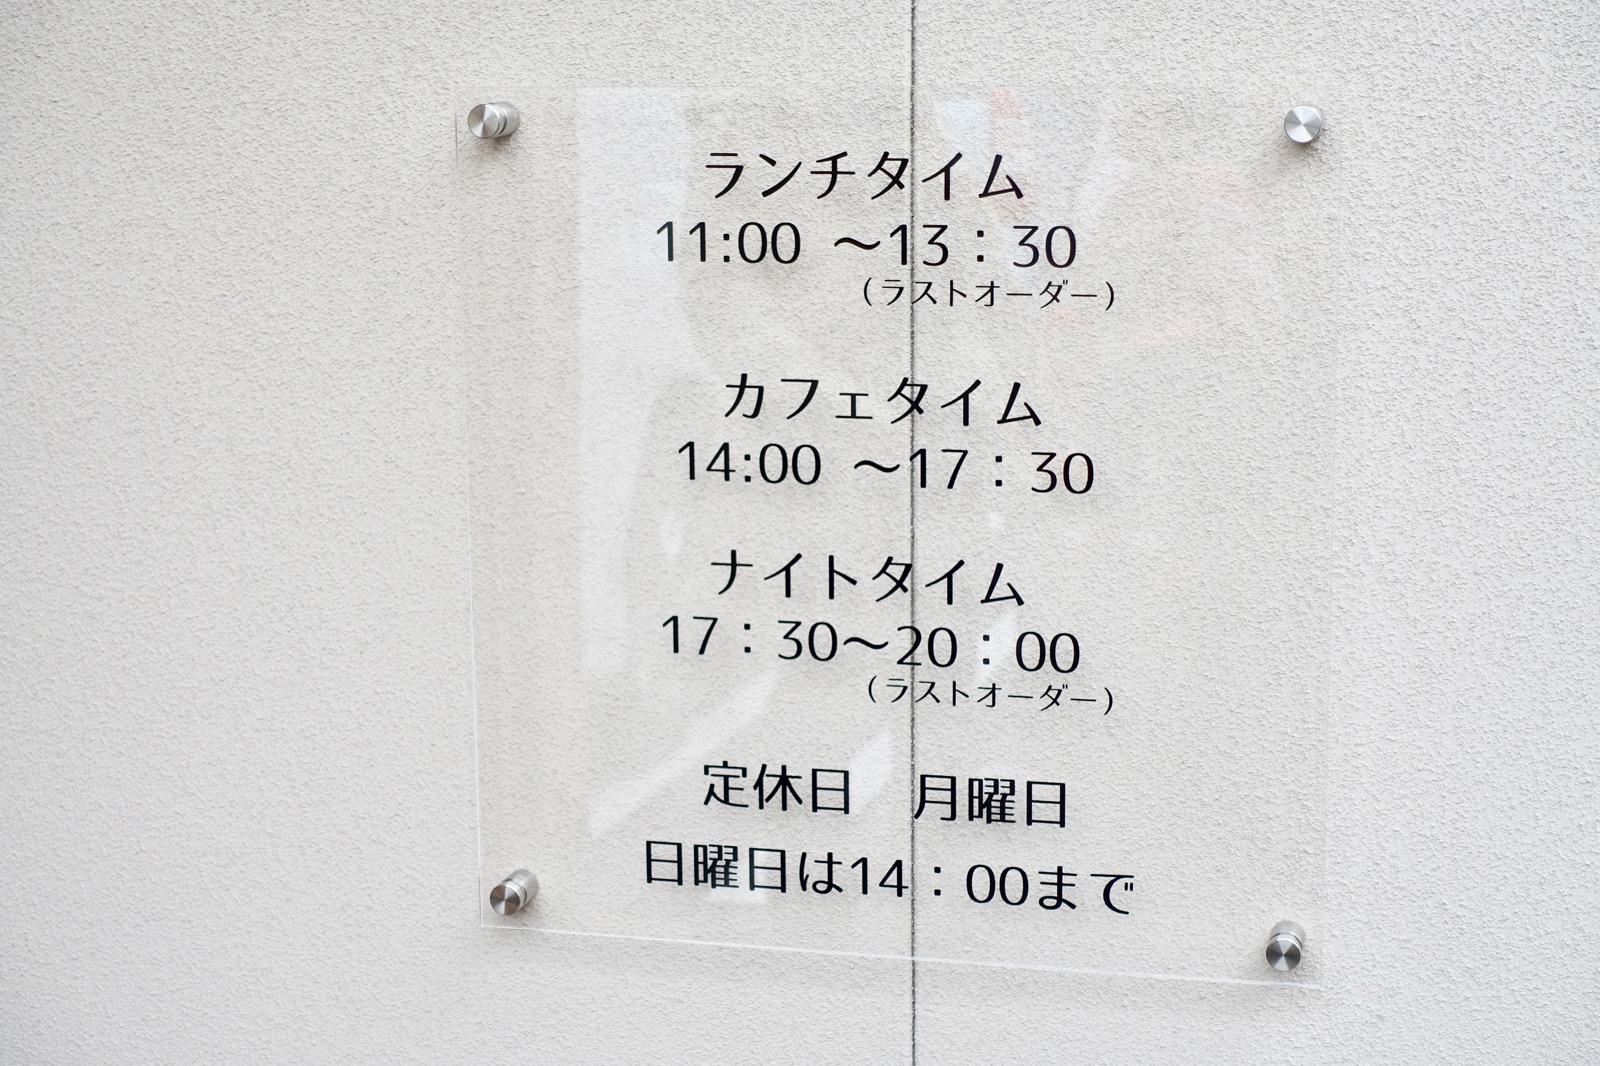 ブルウムカフェの営業時間